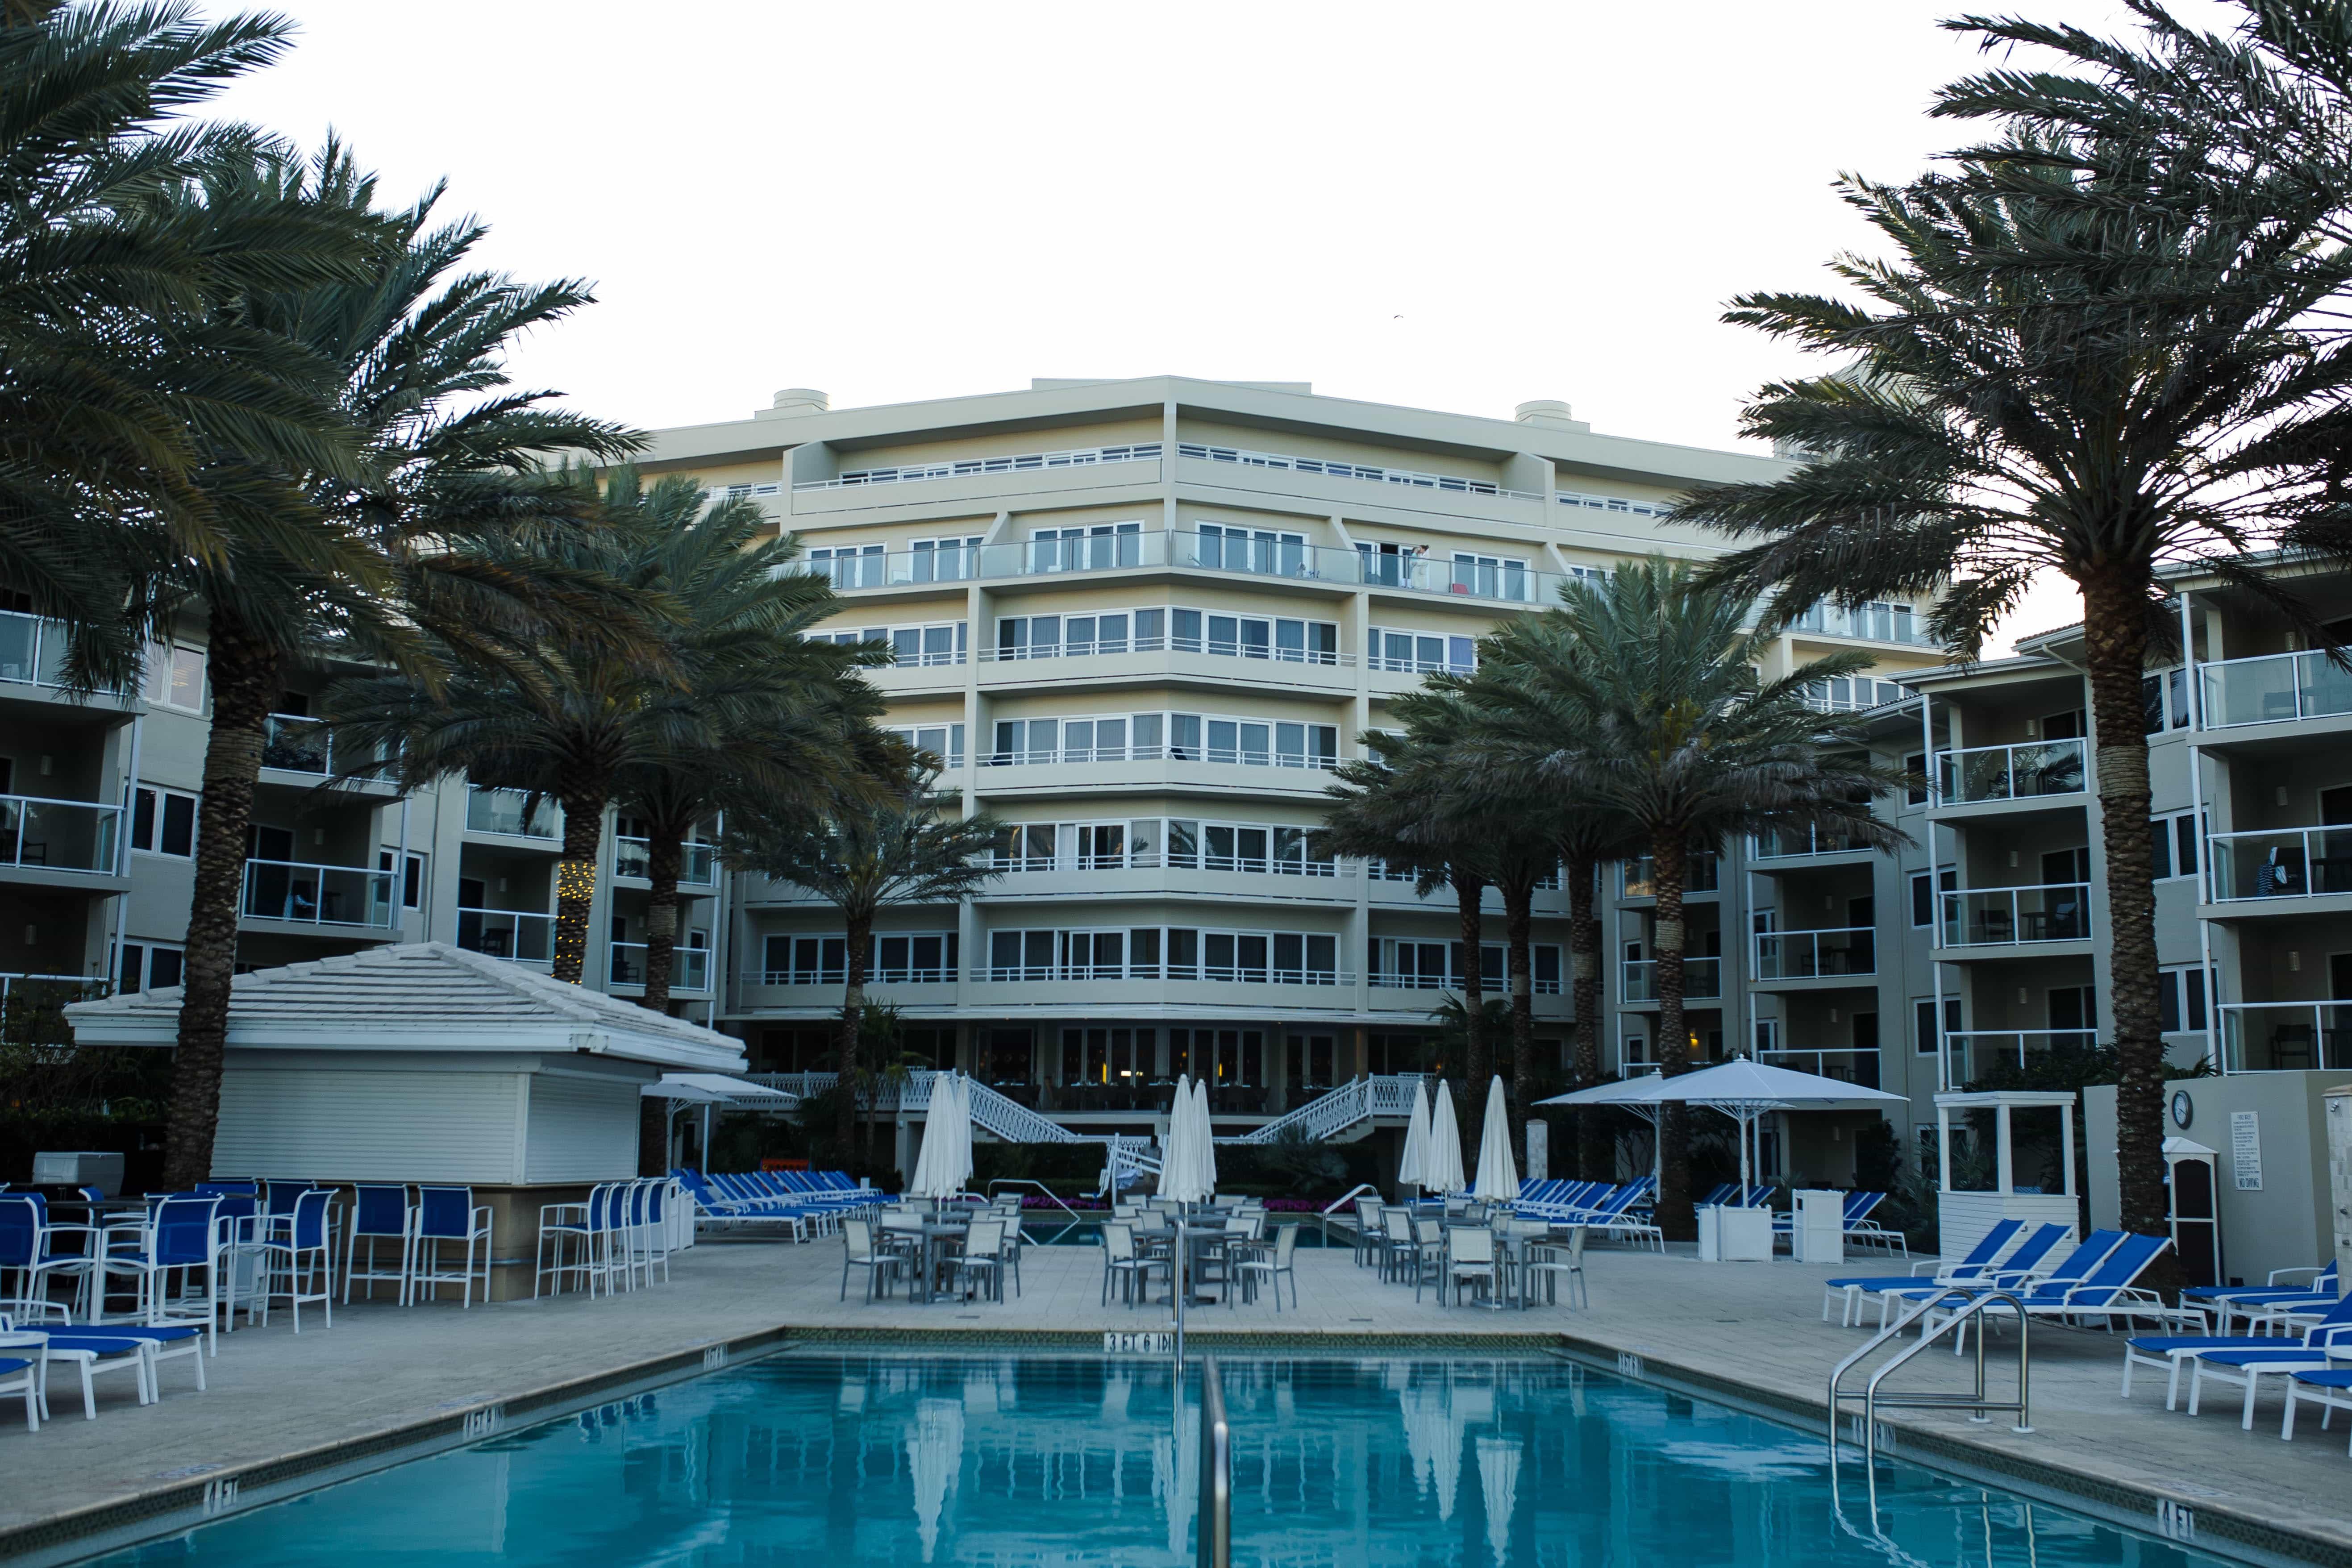 Edgewater Beach Hotel Florida